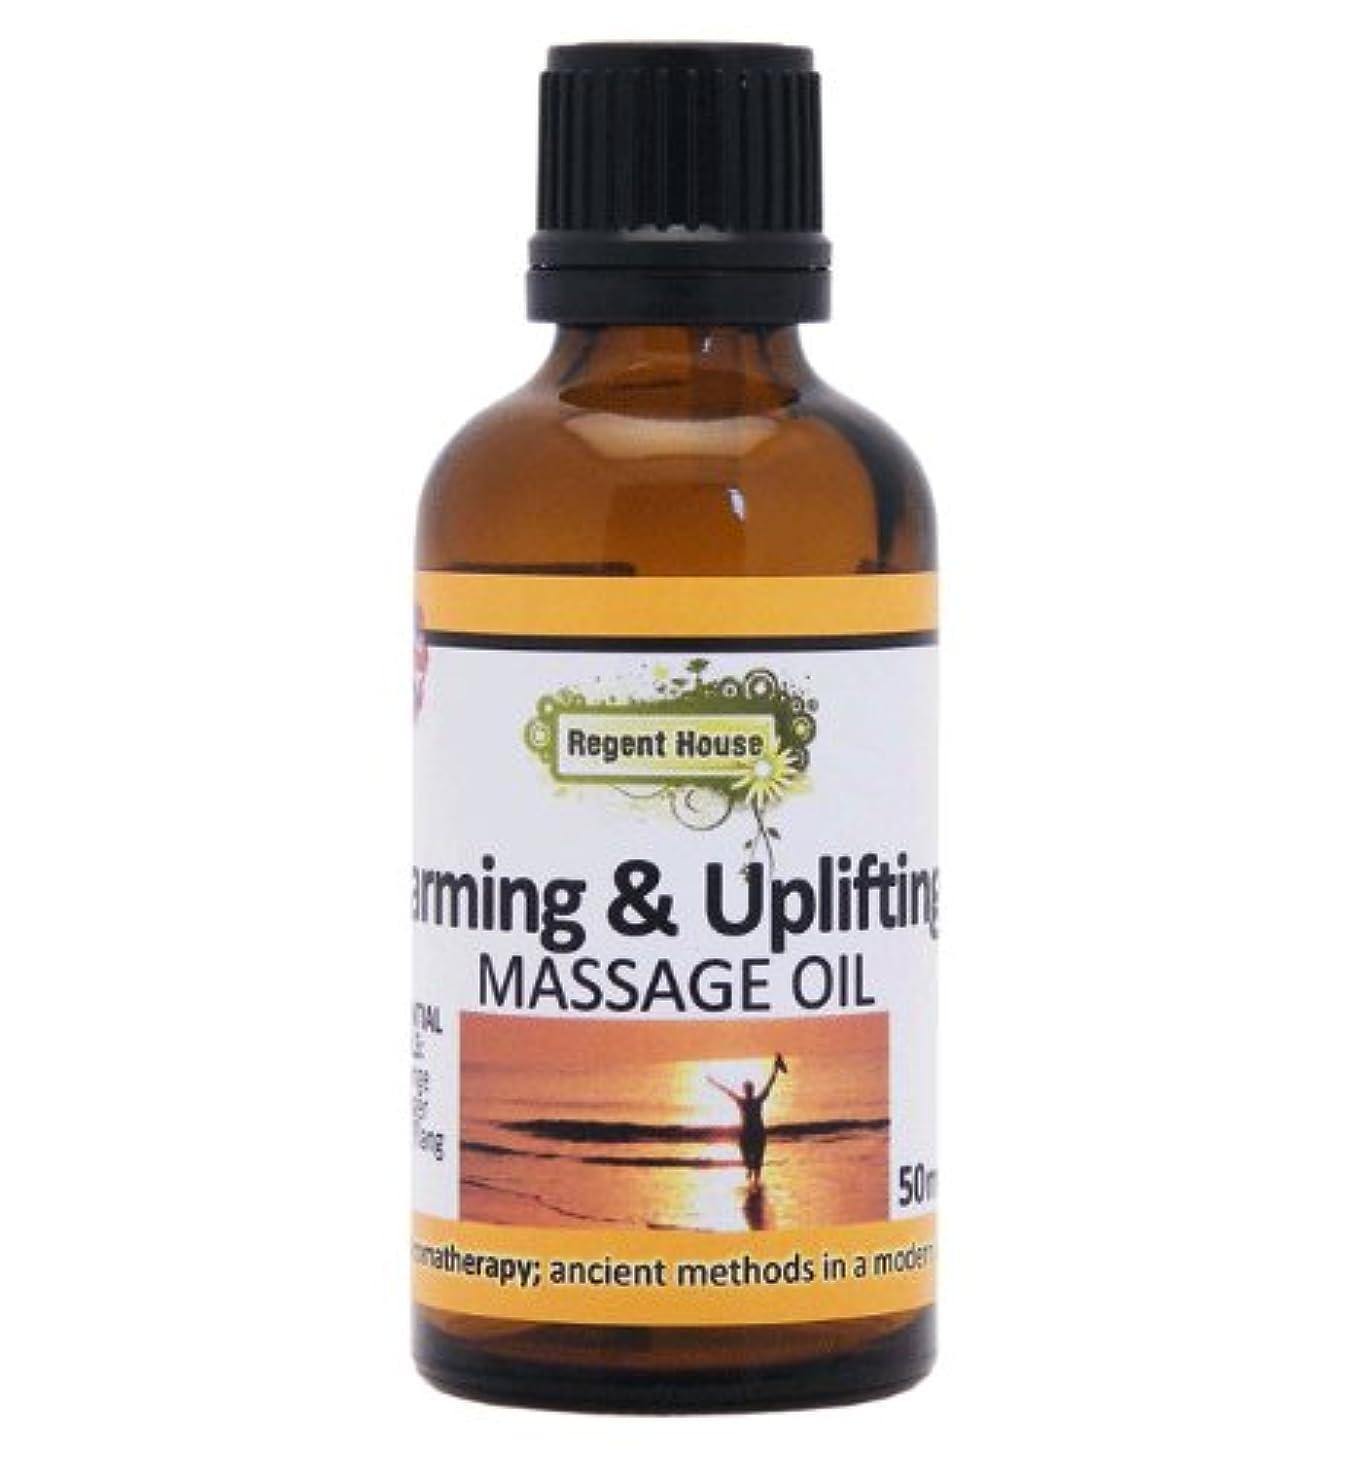 検閲覚醒ようこそイタリア産の天然オレンジ精油を、たっぷり配合。 アロマ ナチュラル マッサージオイル 50ml ウォーミング&アップリフティング(Aroma Massage Oil Warming & Uplifting)